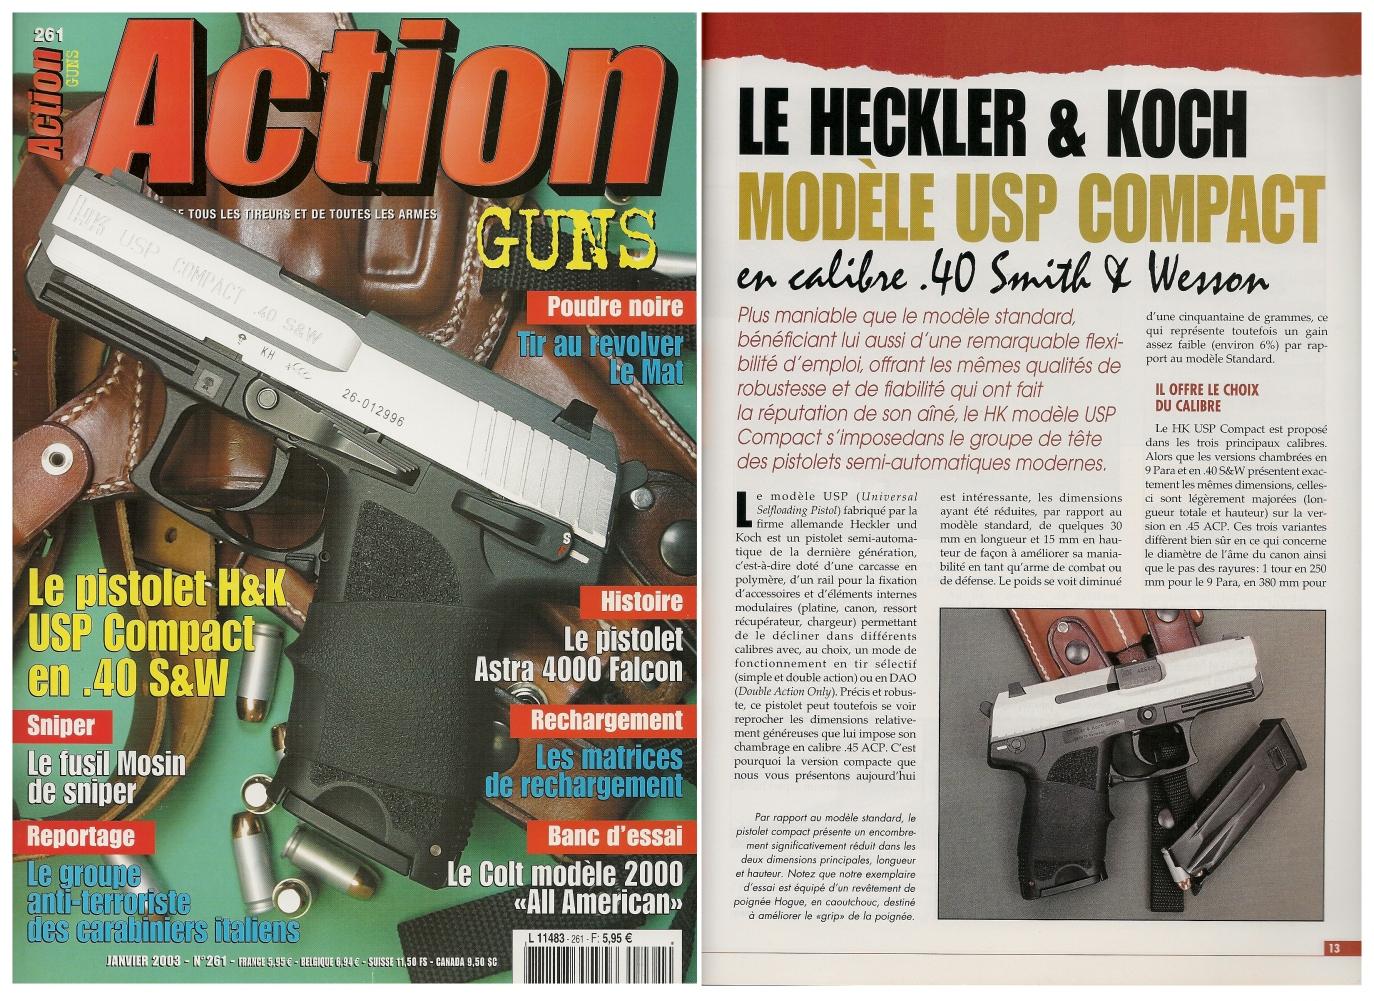 Le banc d'essai du pistolet HK USP Compact a été publié sur 7 pages dans le magazine Action Guns n° 261 (janvier 2003).